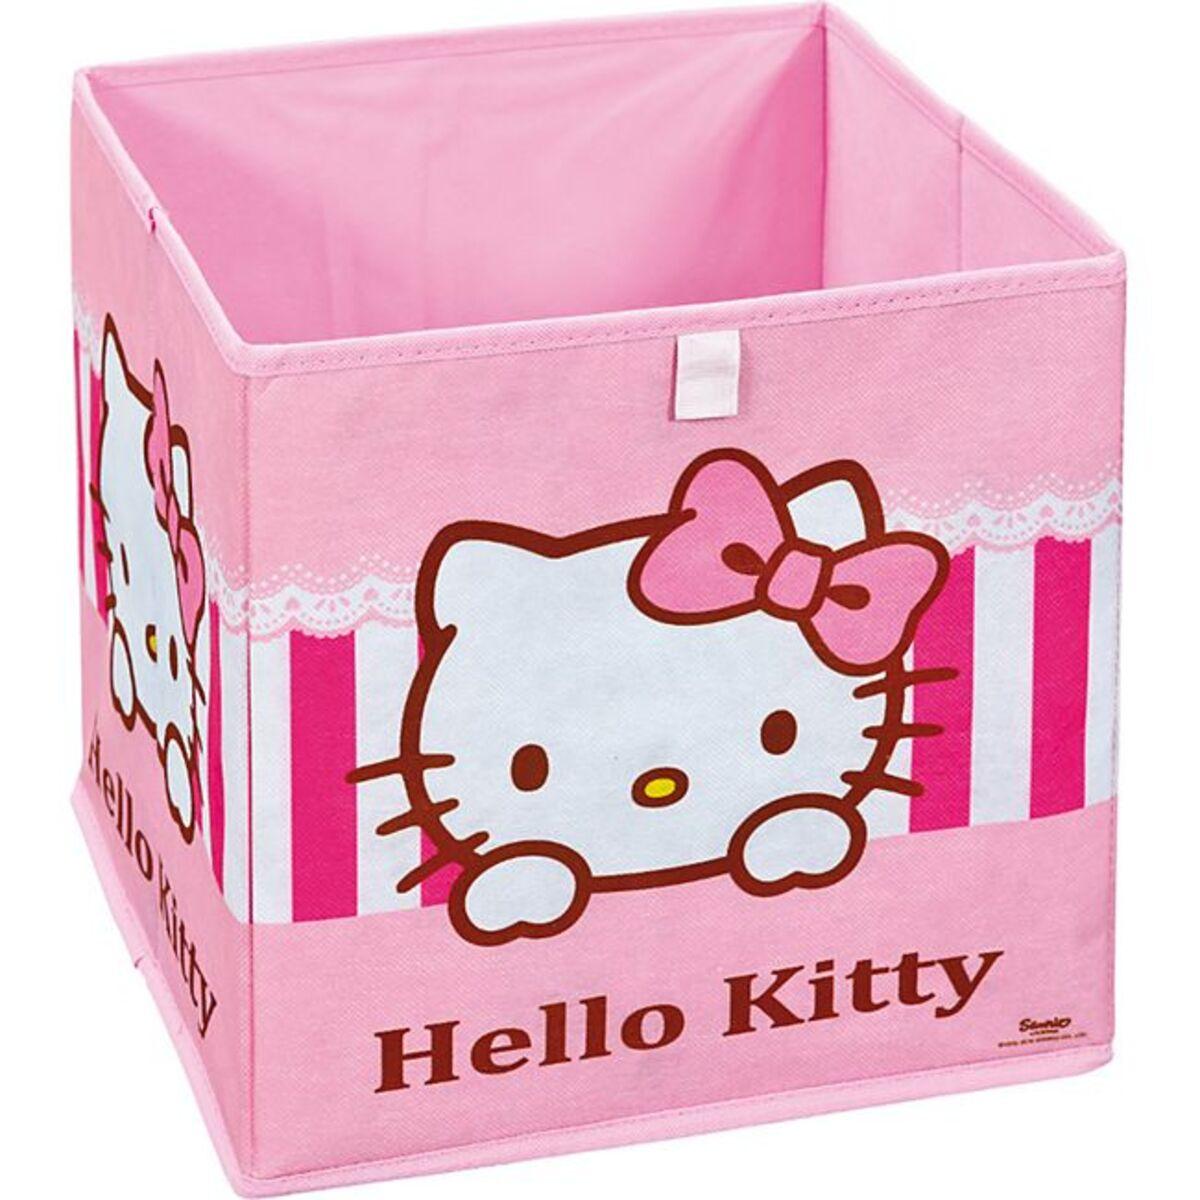 Bild 1 von Inter Link Faltkiste Hello Kitty Sweat pink